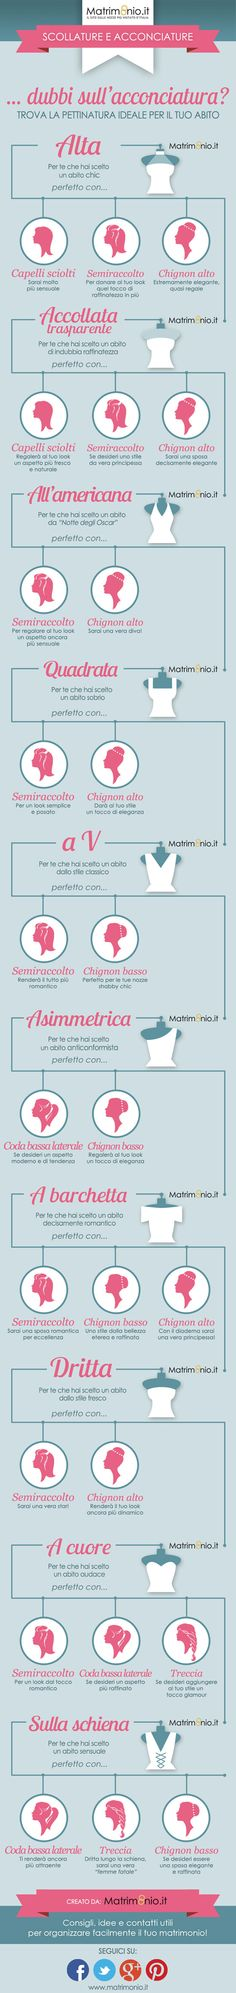 #Infografica: L' #acconciatura della #sposa: come scegliere quella giusta a seconda della #scollatura dell' #abito #updo #wedding #bride #weddingdress #infographic #nozze #bride. http://www.matrimonio.it/guida/la-sposa-e-lo-sposo/acconciature-e-bellezza/infografica--scollature-e-acconciature